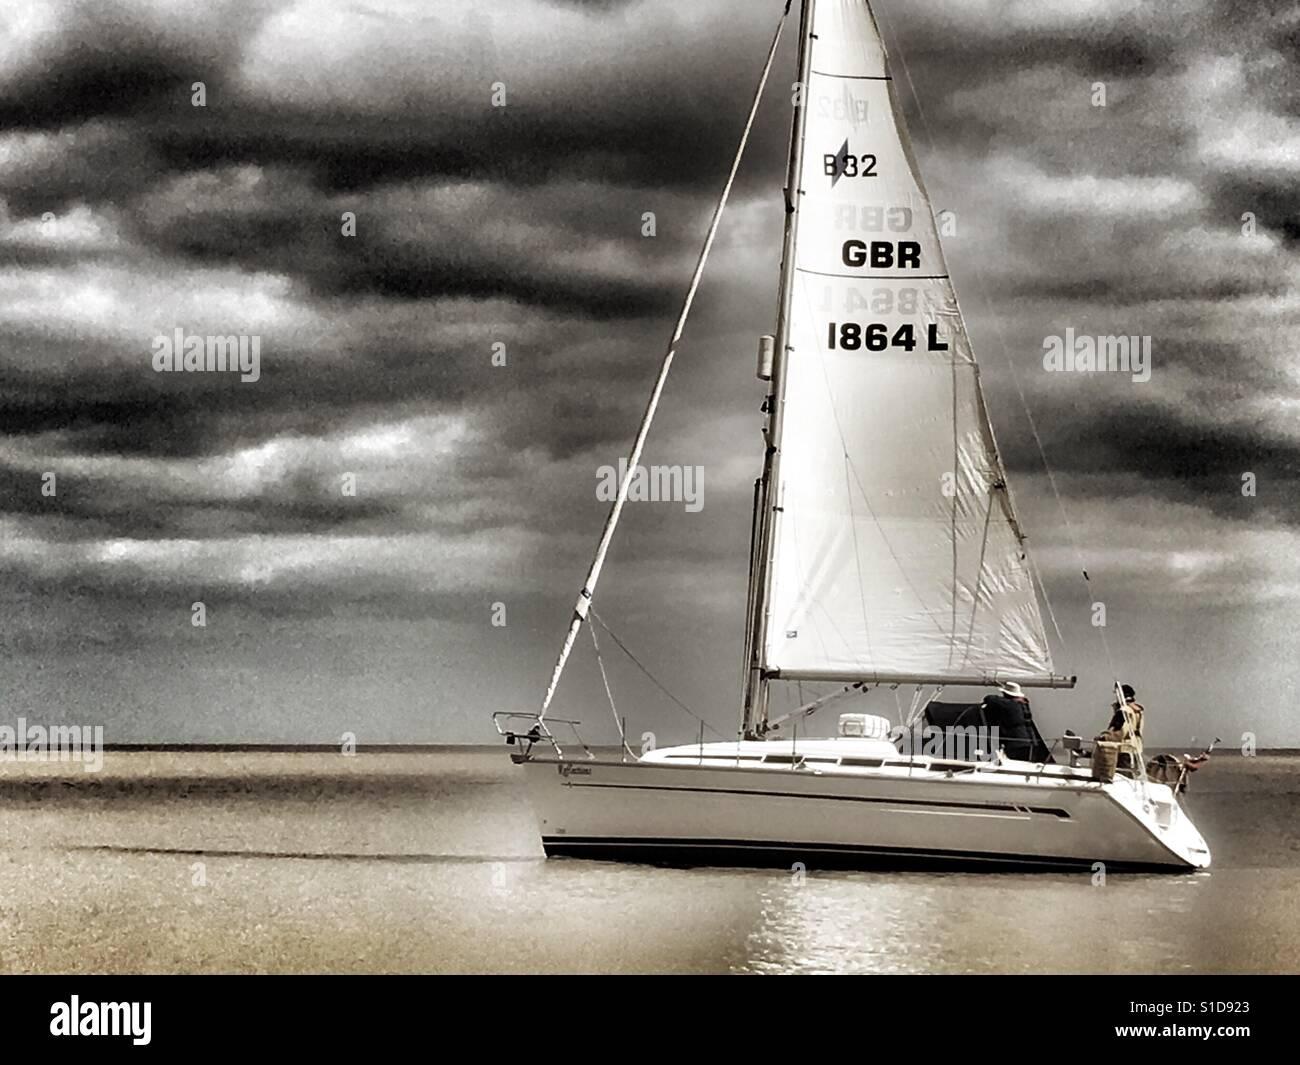 Navegando en el río, mineral de Shingle Street, en Suffolk, Inglaterra. Imagen De Stock